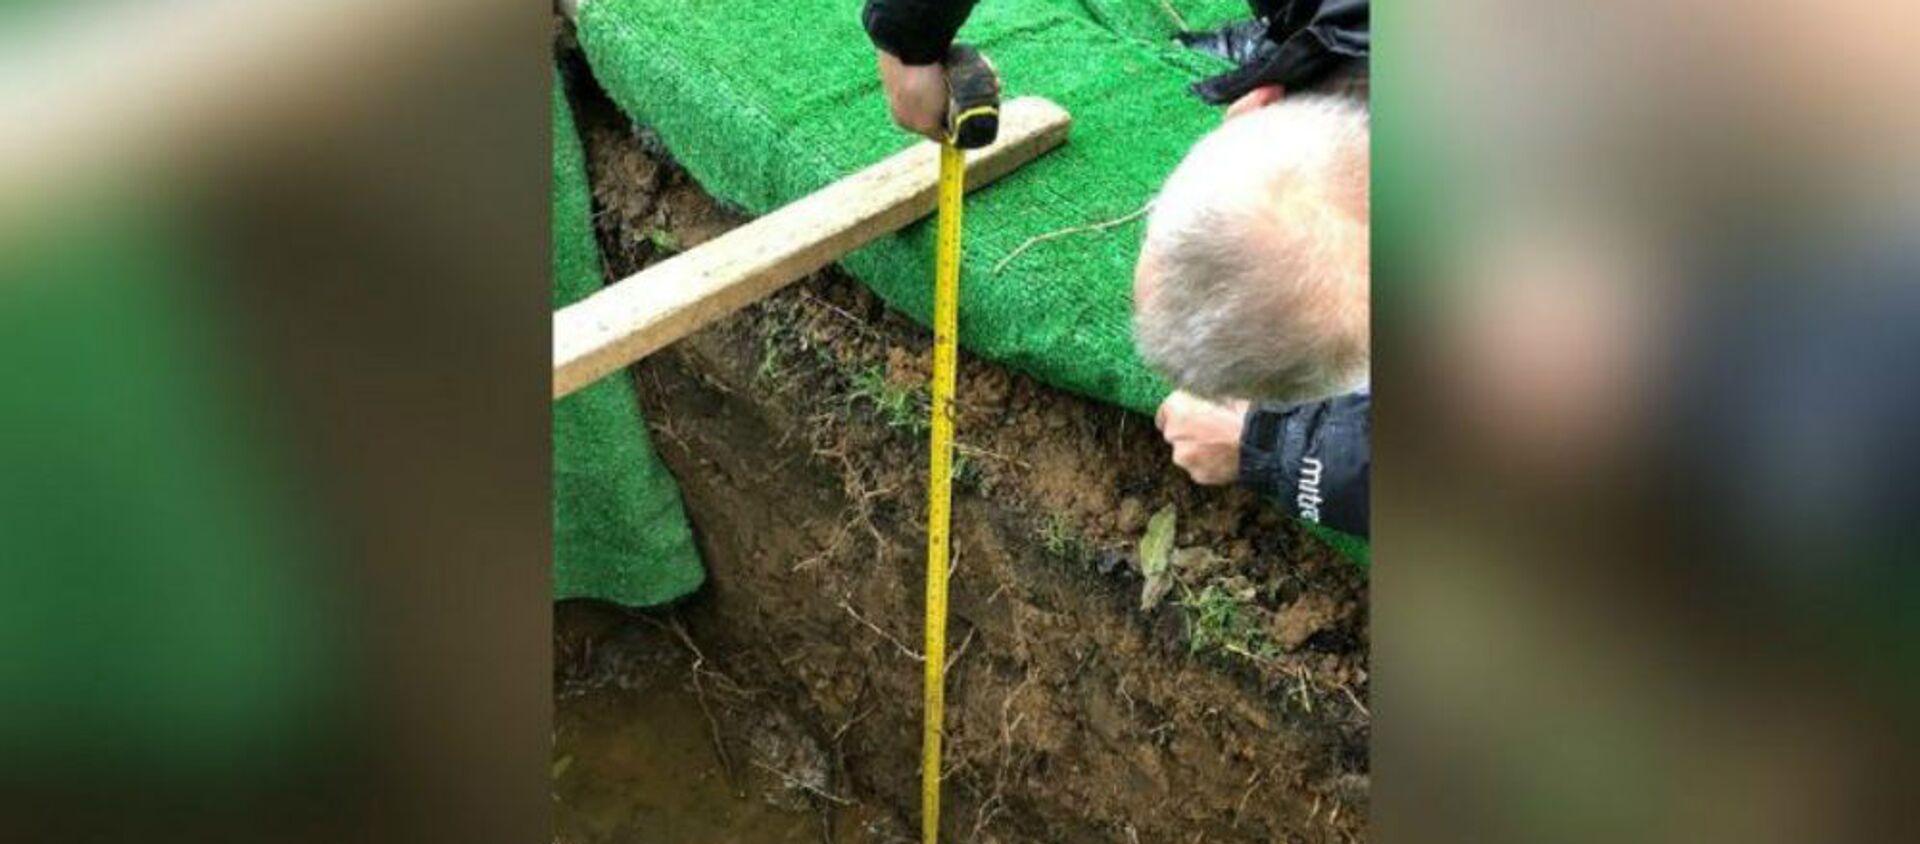 Ιερέας δεν άφηνε την ταφή 98χρονου εξαιτίας του βάθους του τάφου - Sputnik Ελλάδα, 1920, 04.11.2020